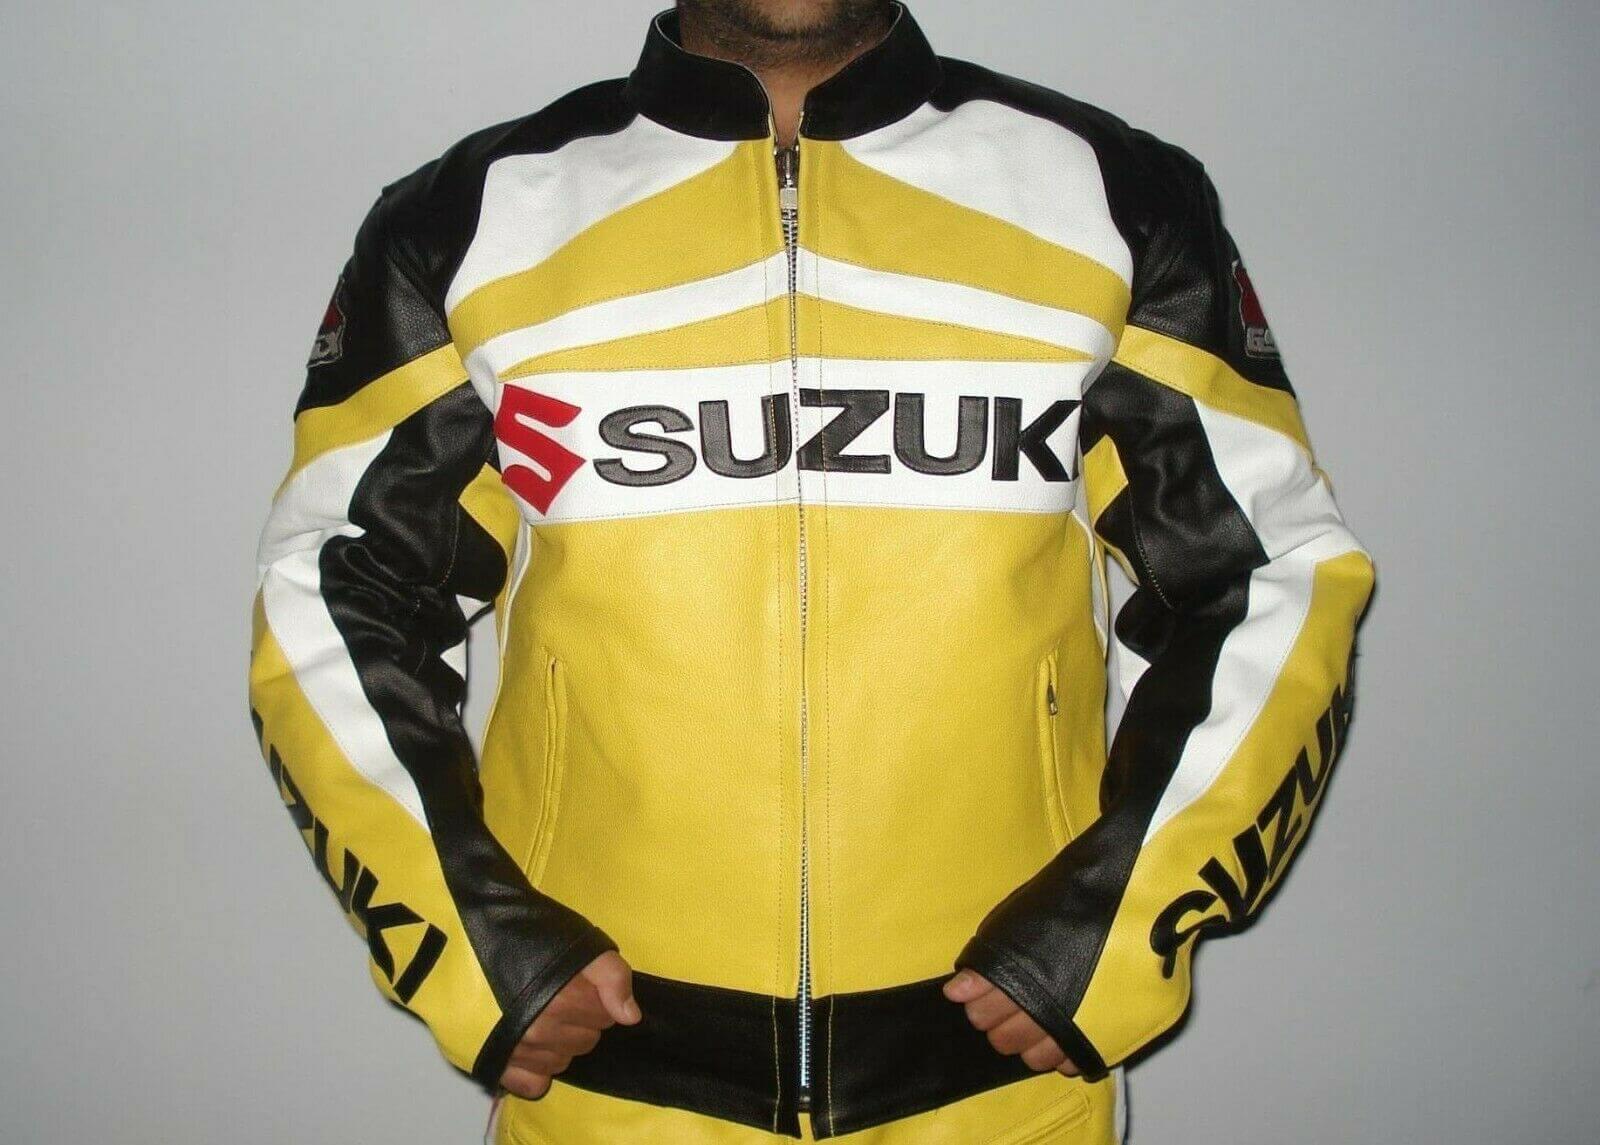 Suzuki GSXR Yellow Motorcycle Leather Jacket